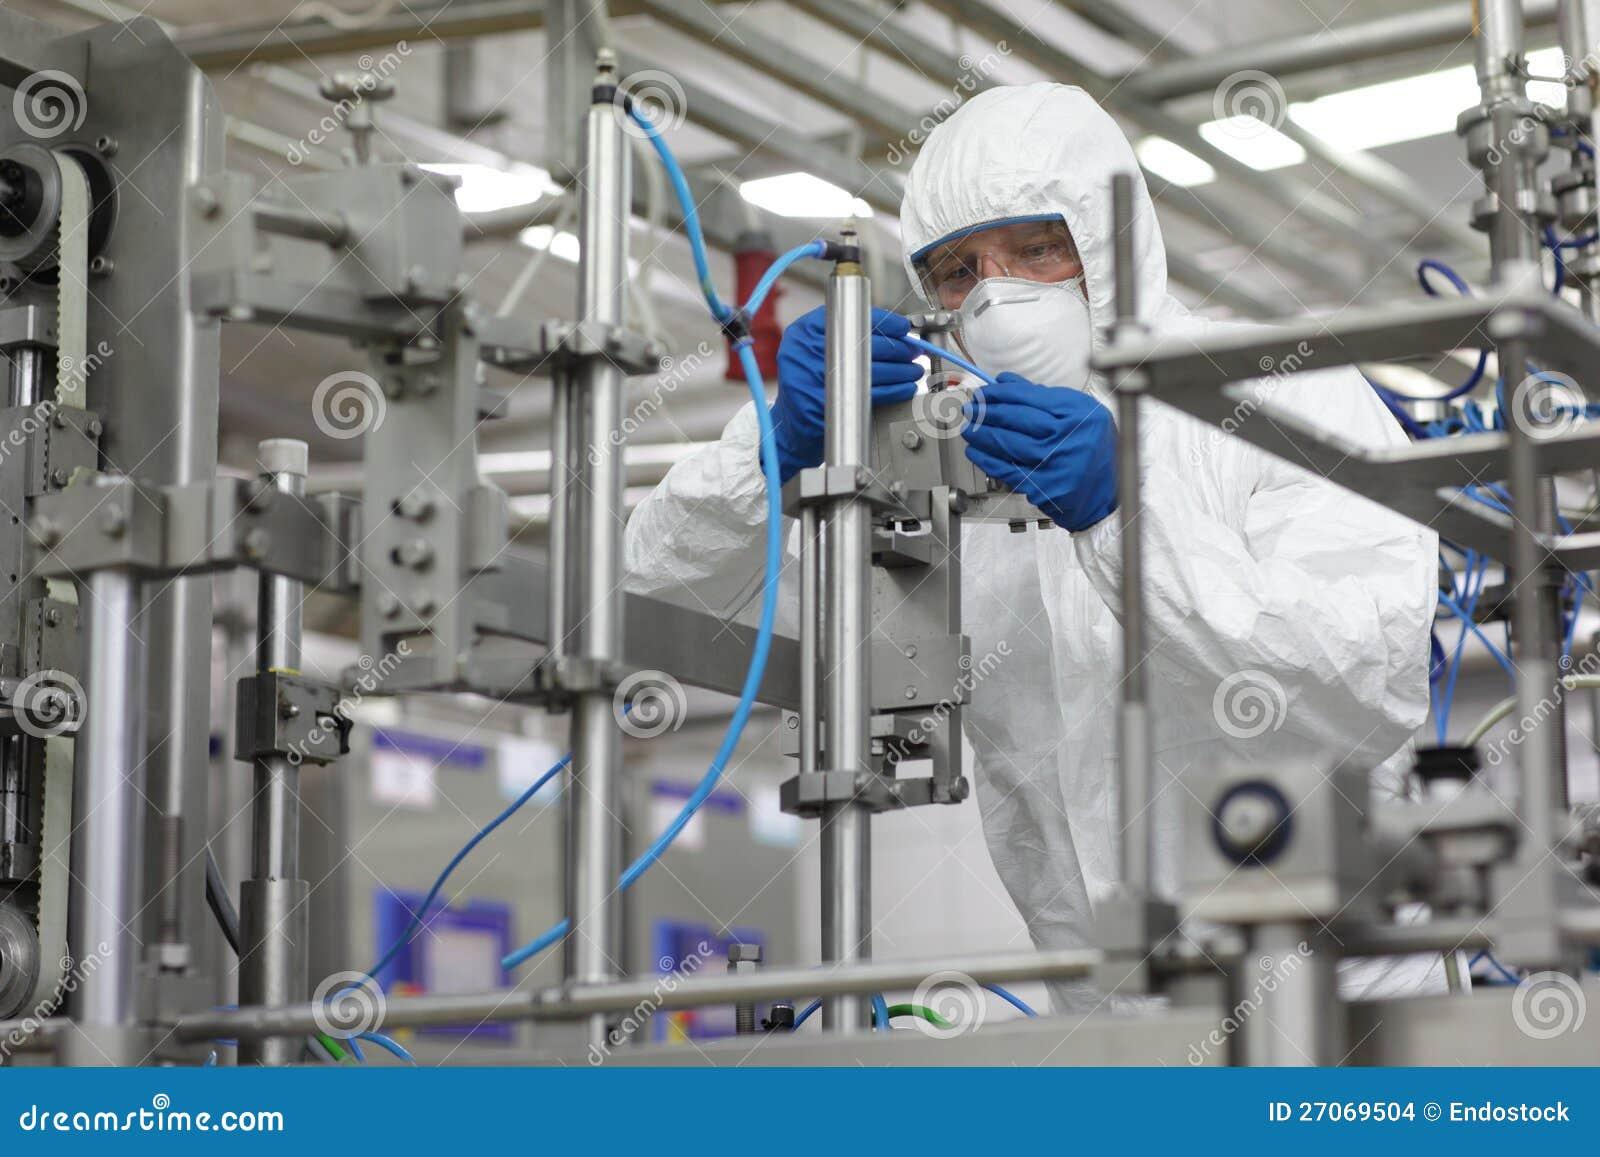 профессионал на работе на высокотехнологичной окружающей среде